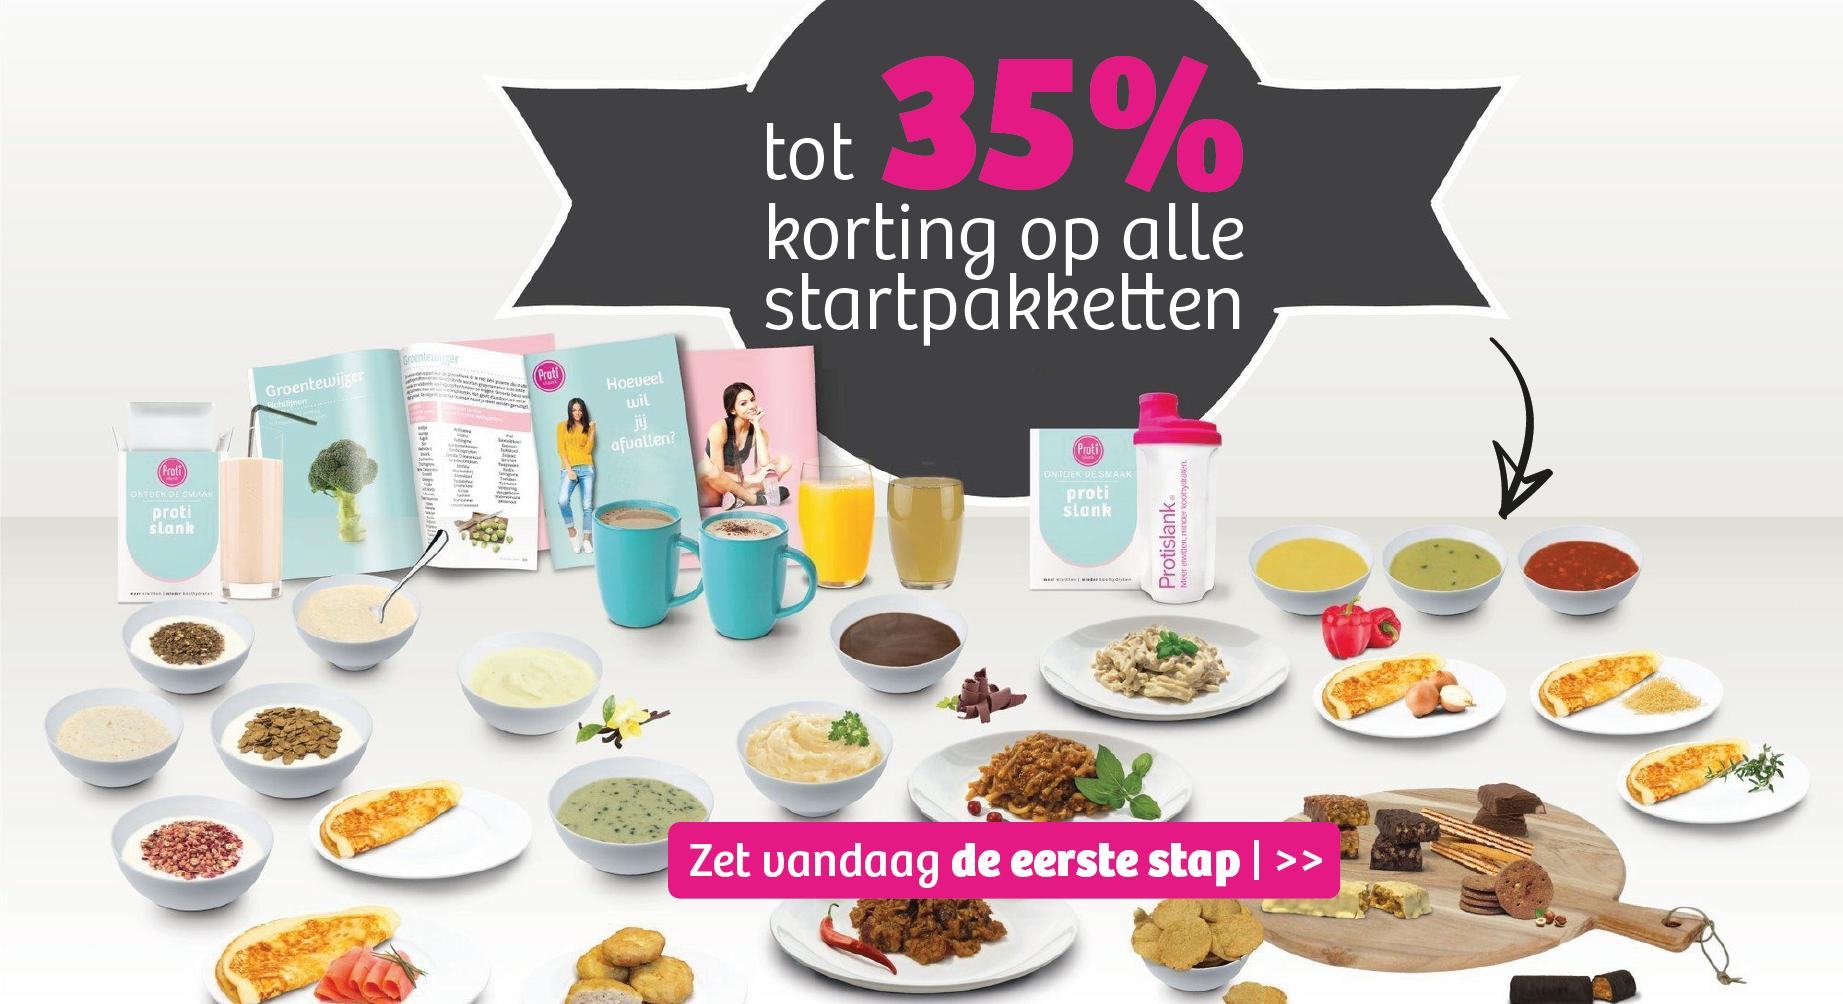 Startpakketten met een korting tot 35%!